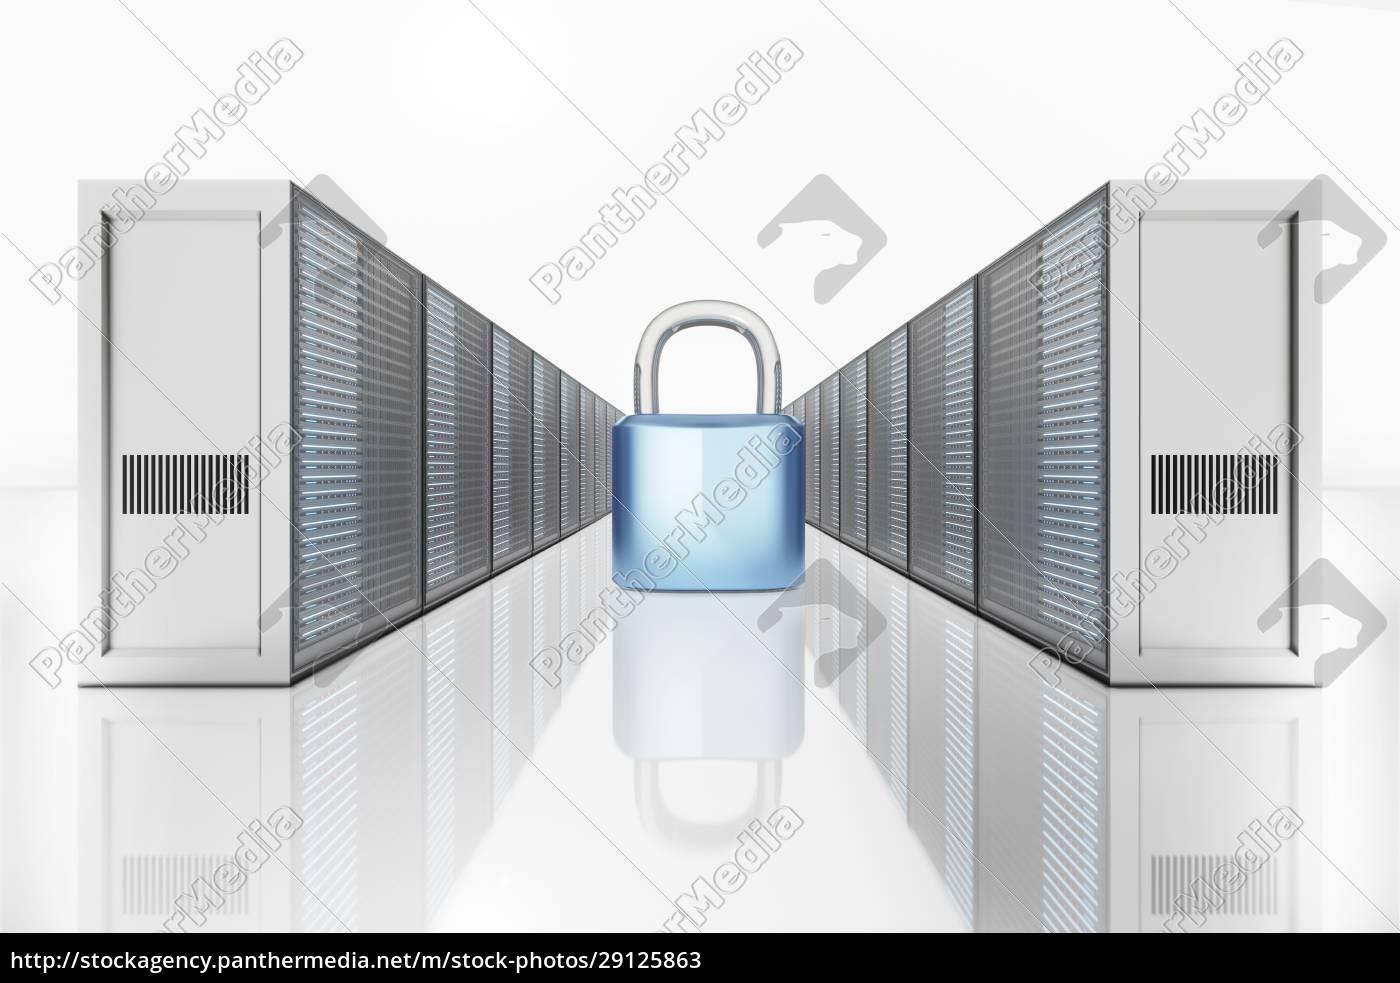 abbildung, des, vorhängeschlosses, zwischen, netzwerkserverturm - 29125863